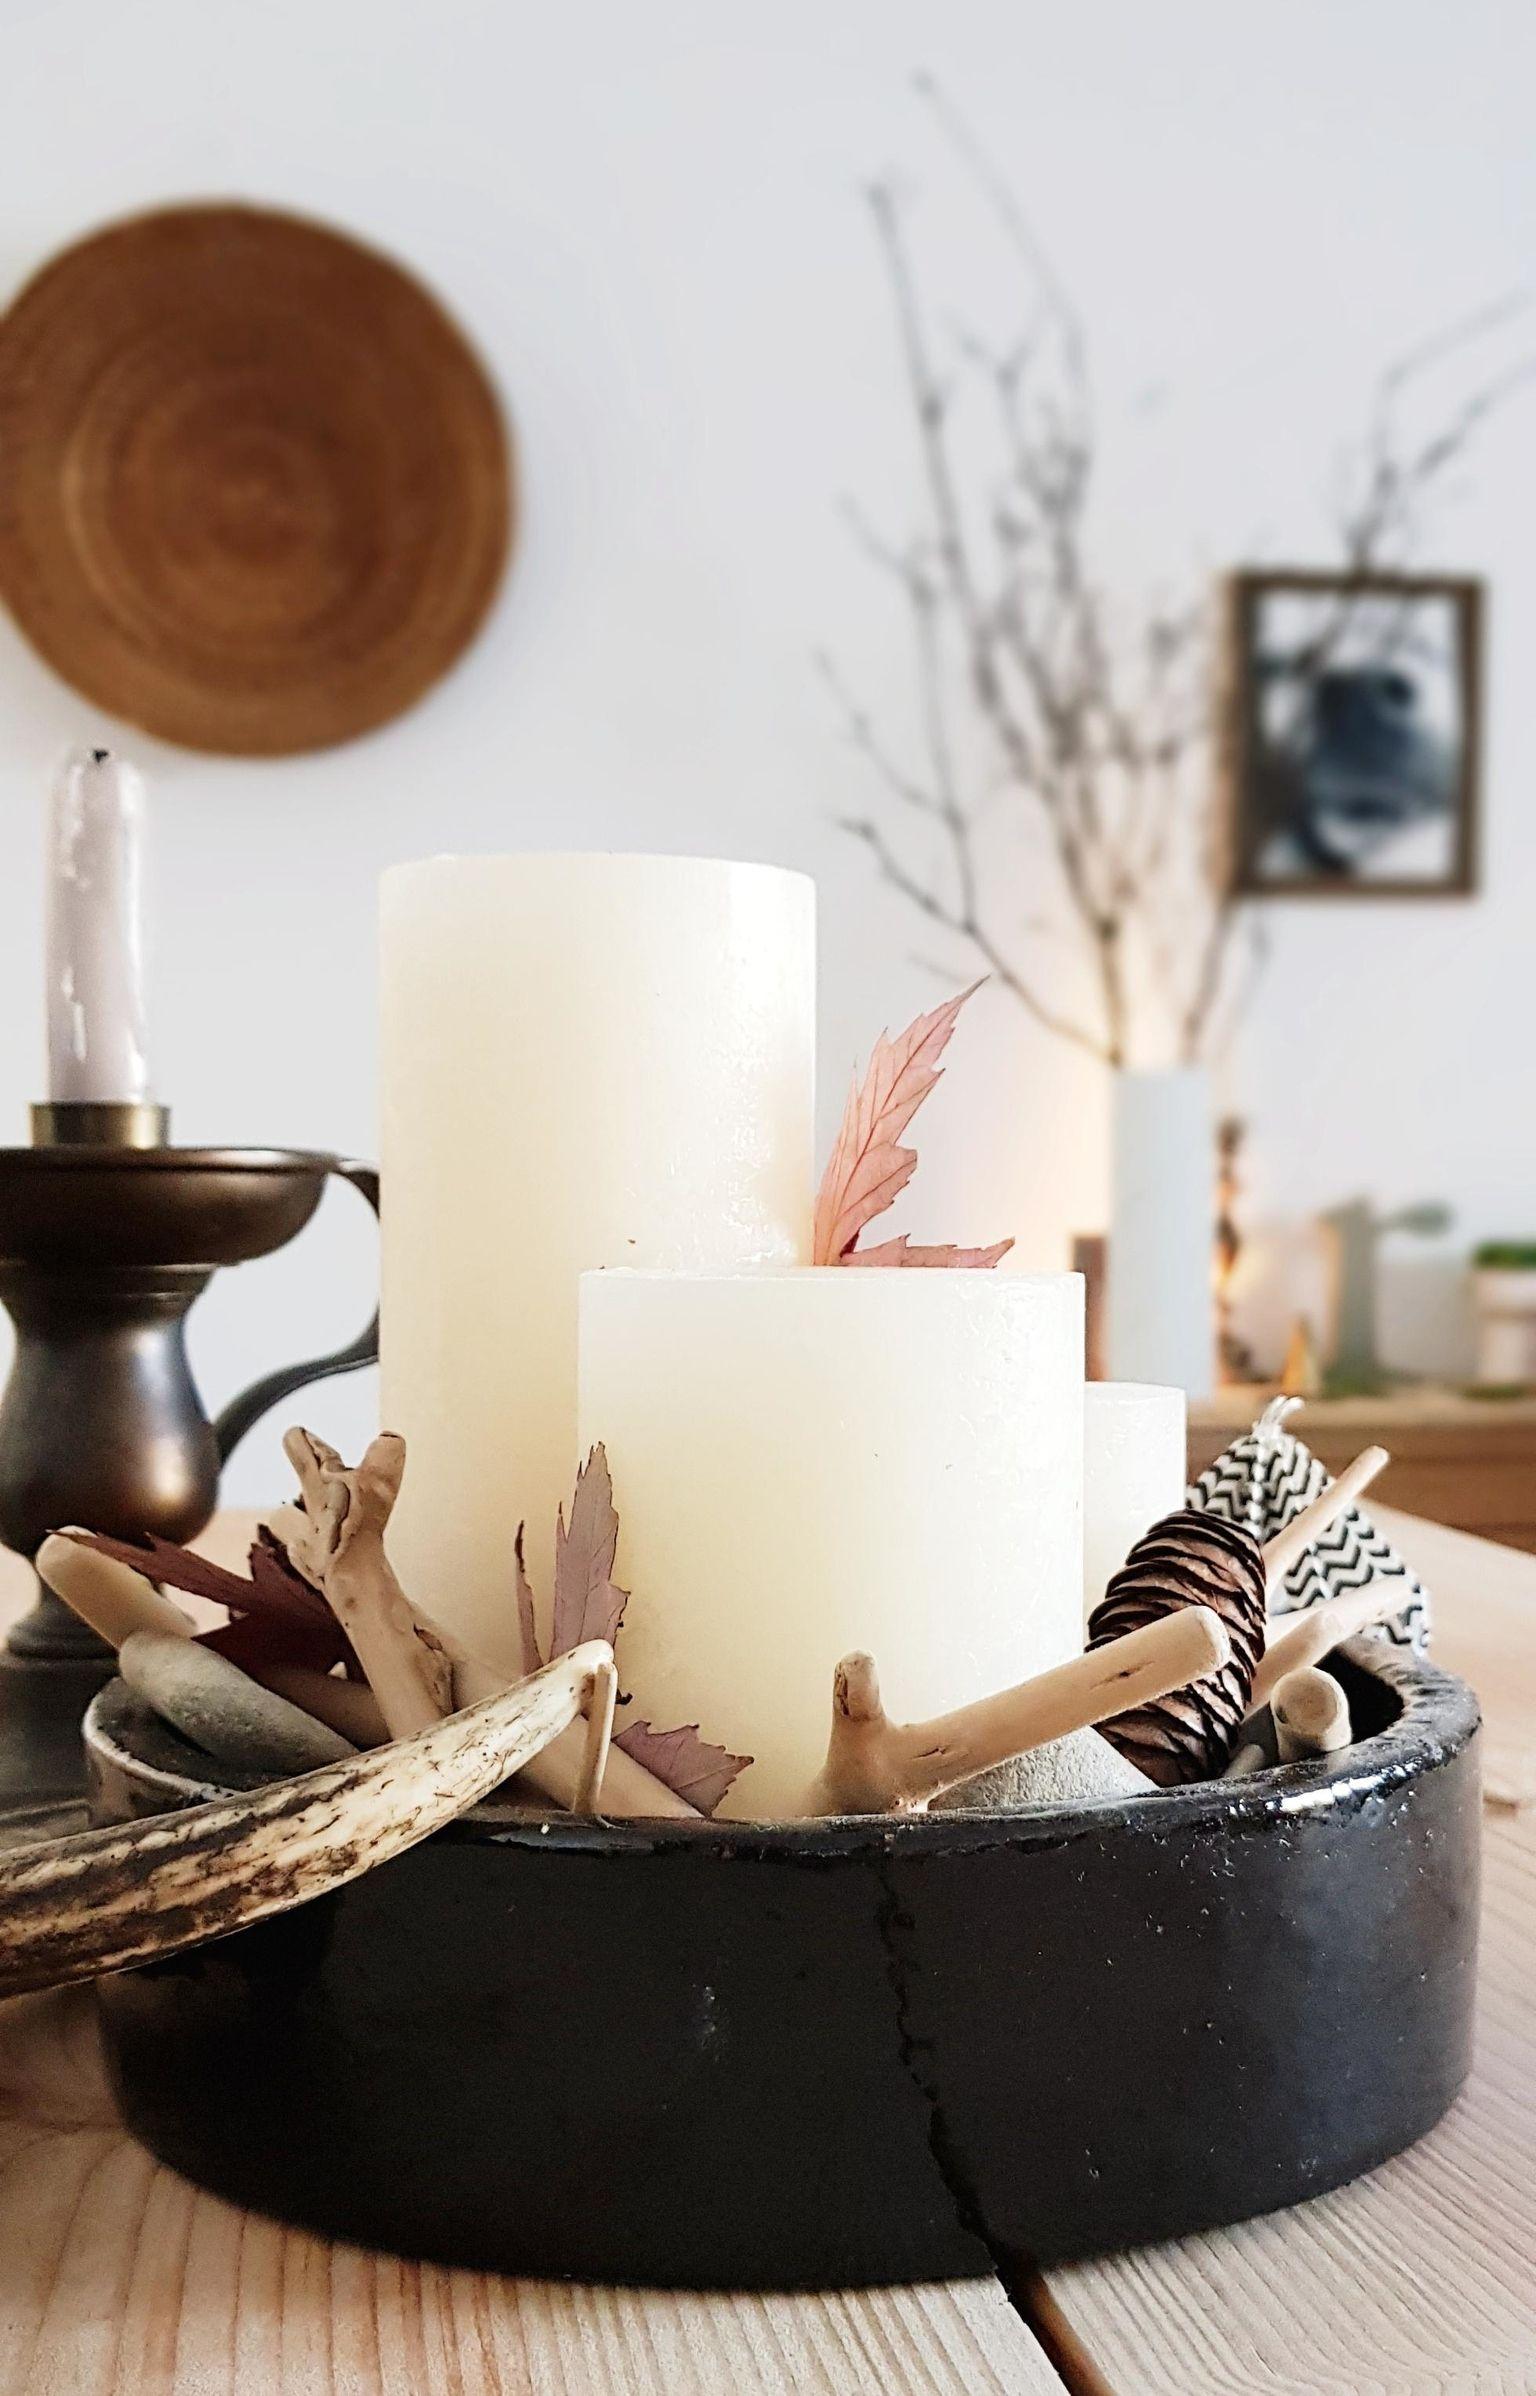 Herbstdeko Idee Von Solevita: Einfach Das Kerzentablett Mi Blättern, Holz  Und Tannenzapfen Auffüllen